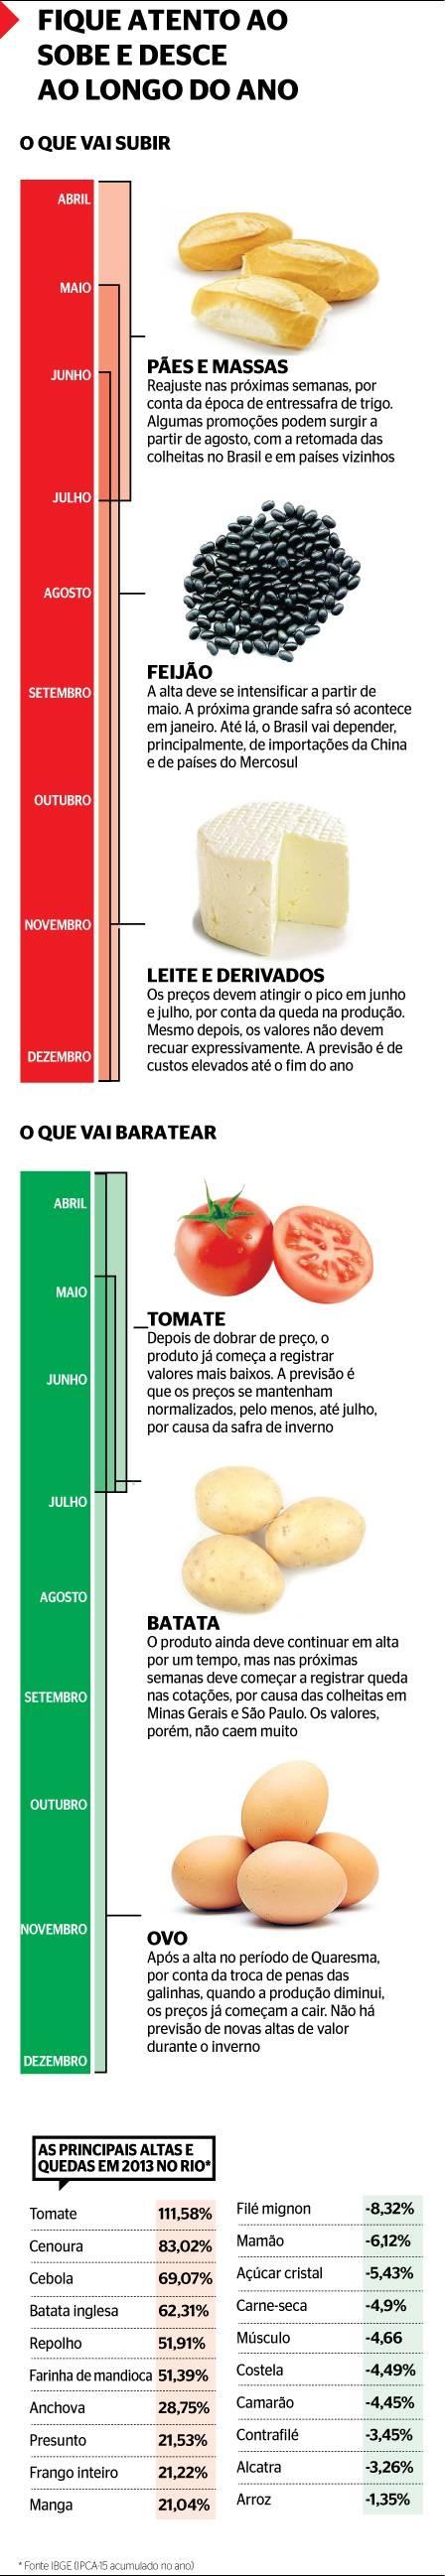 Sai o tomate, e entra o feijão na lista de vilões da inflação